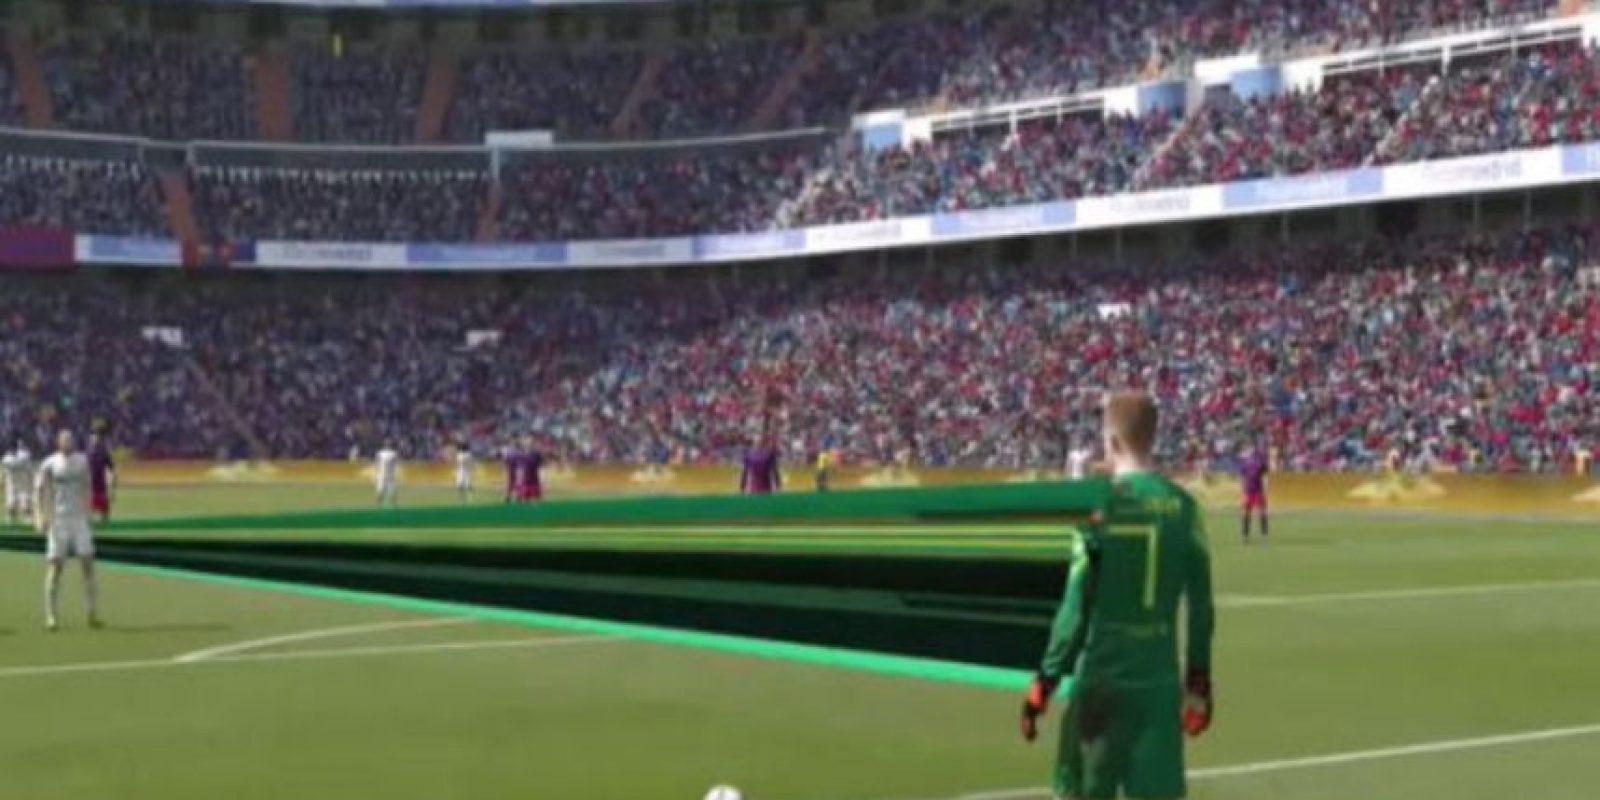 """3. Usuarios encuentran los primeros """"bugs"""" del demo """"FIFA 16″: El canal de YouTube """"emedeportesTV"""" publicó un video que recopila los mejores bugs y glitches del videojuego. Foto:MemedeportesTV/YouTube"""